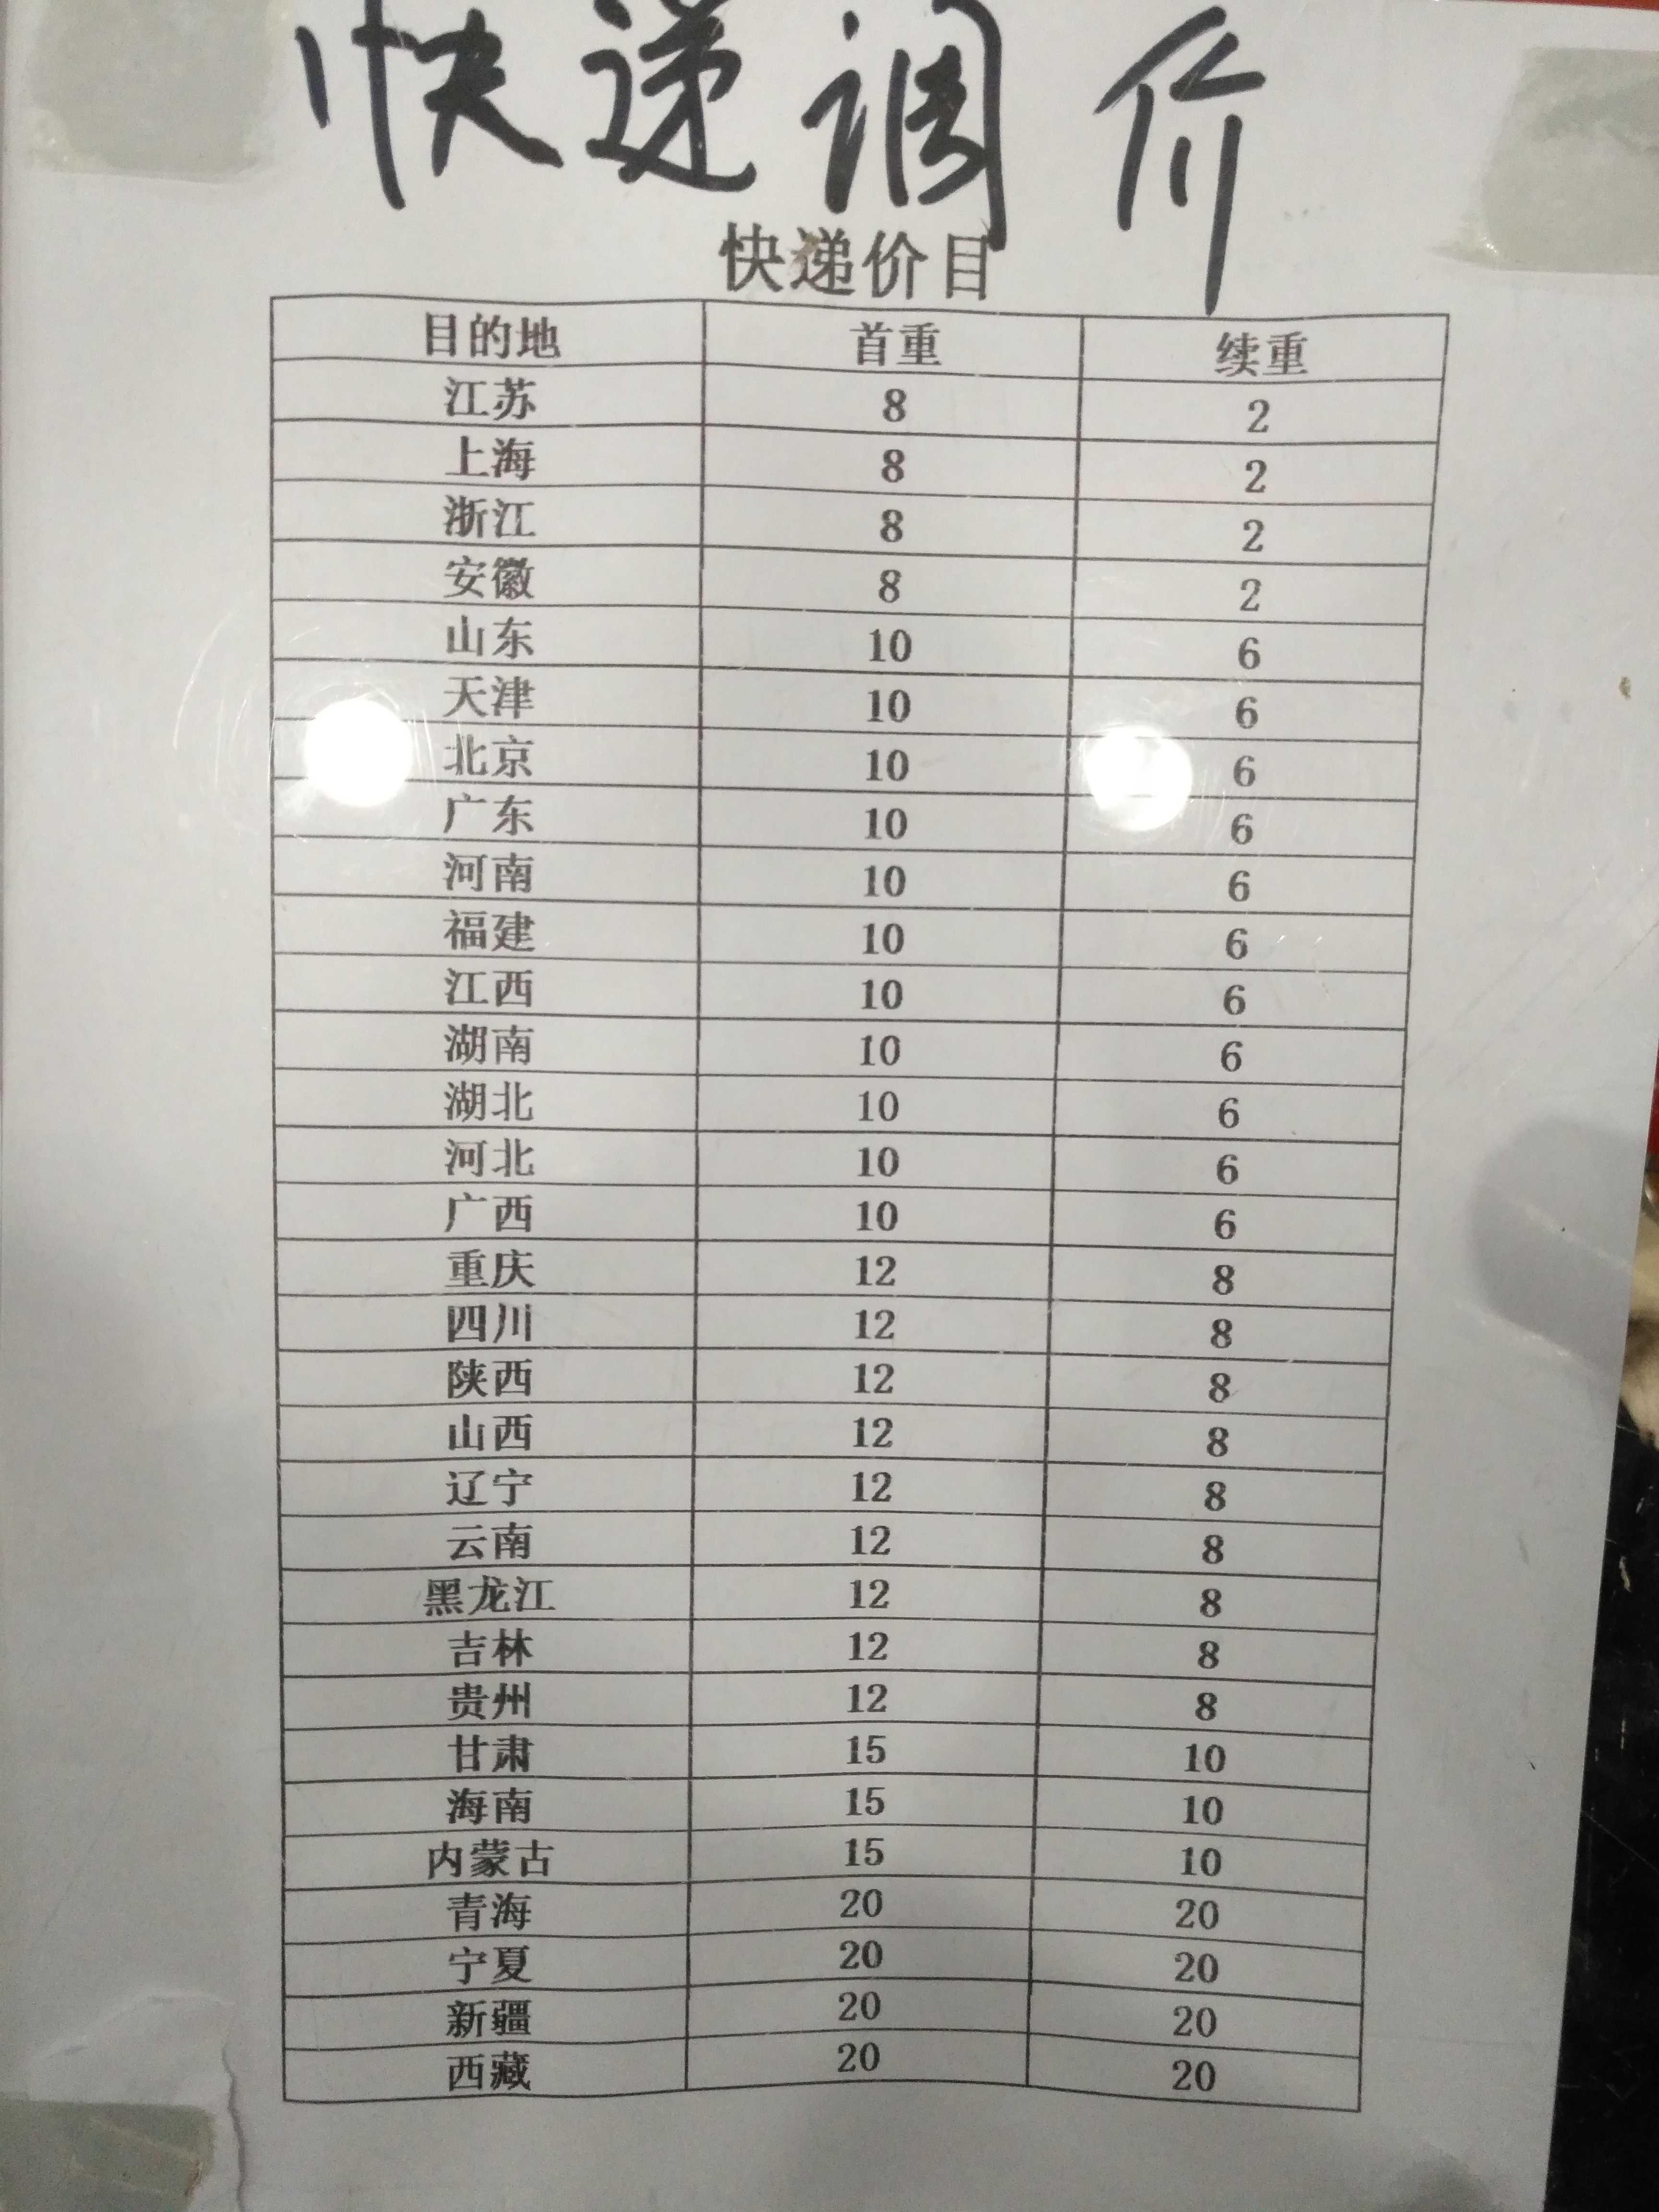 One yuan shot